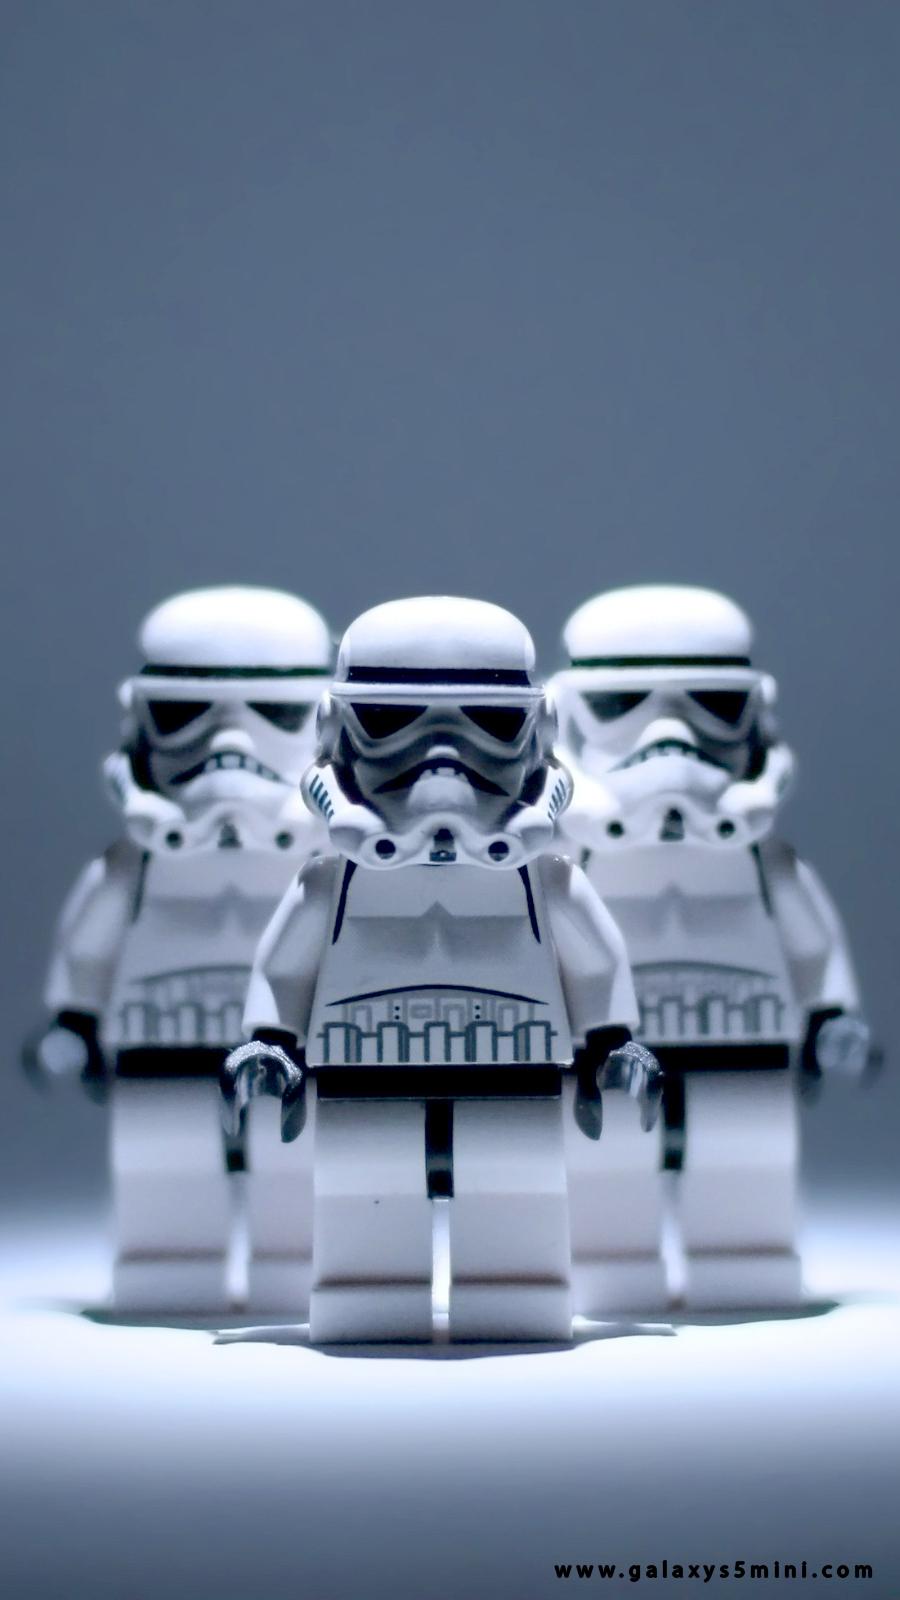 Star wars hd phone wallpaper 900x1600